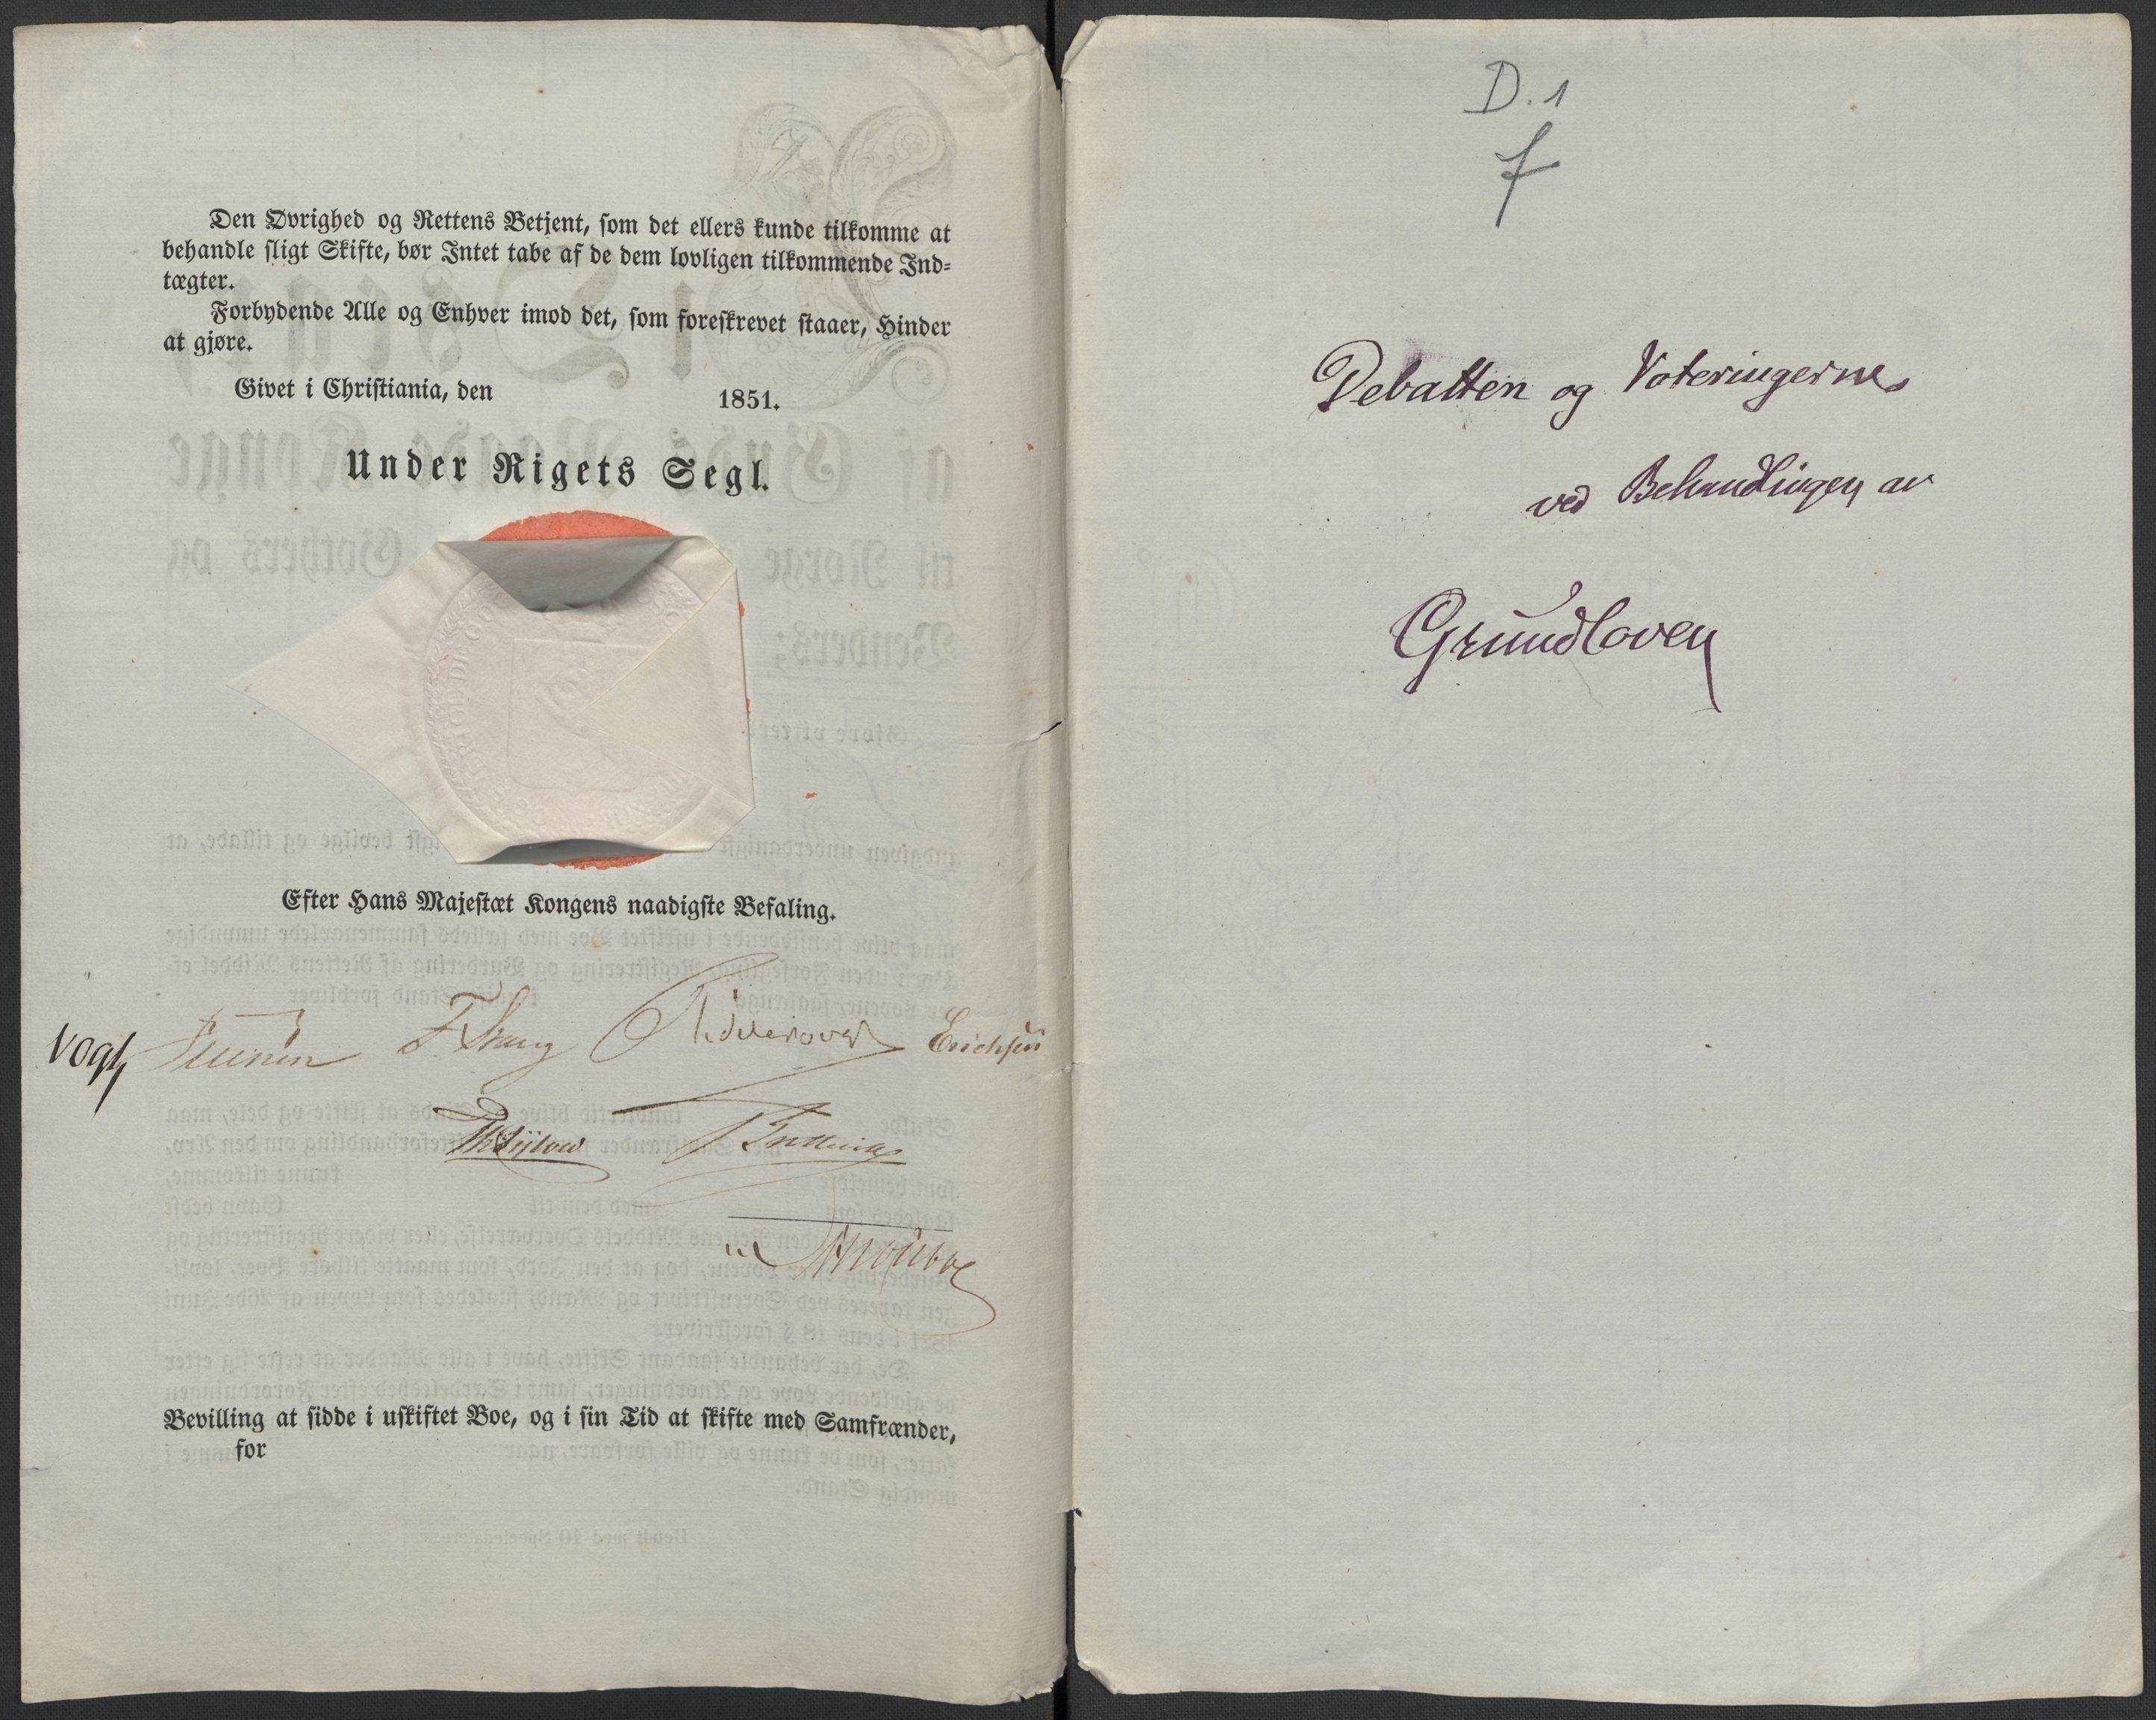 RA, Christie, Wilhelm Frimann Koren, F/L0004, 1814, s. 96